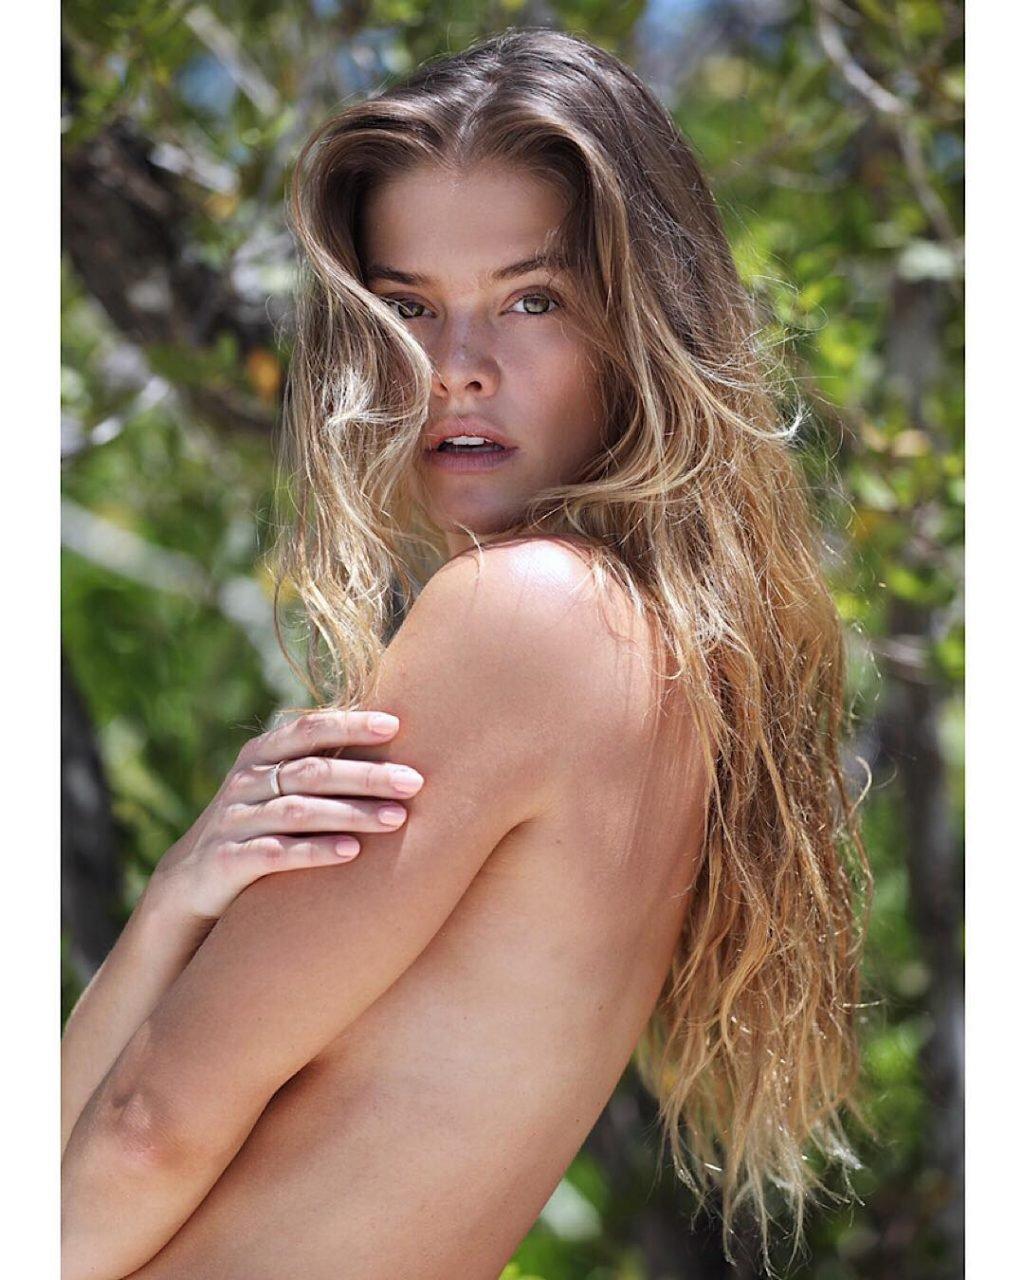 Nina Agdal Topless (3 Photos)